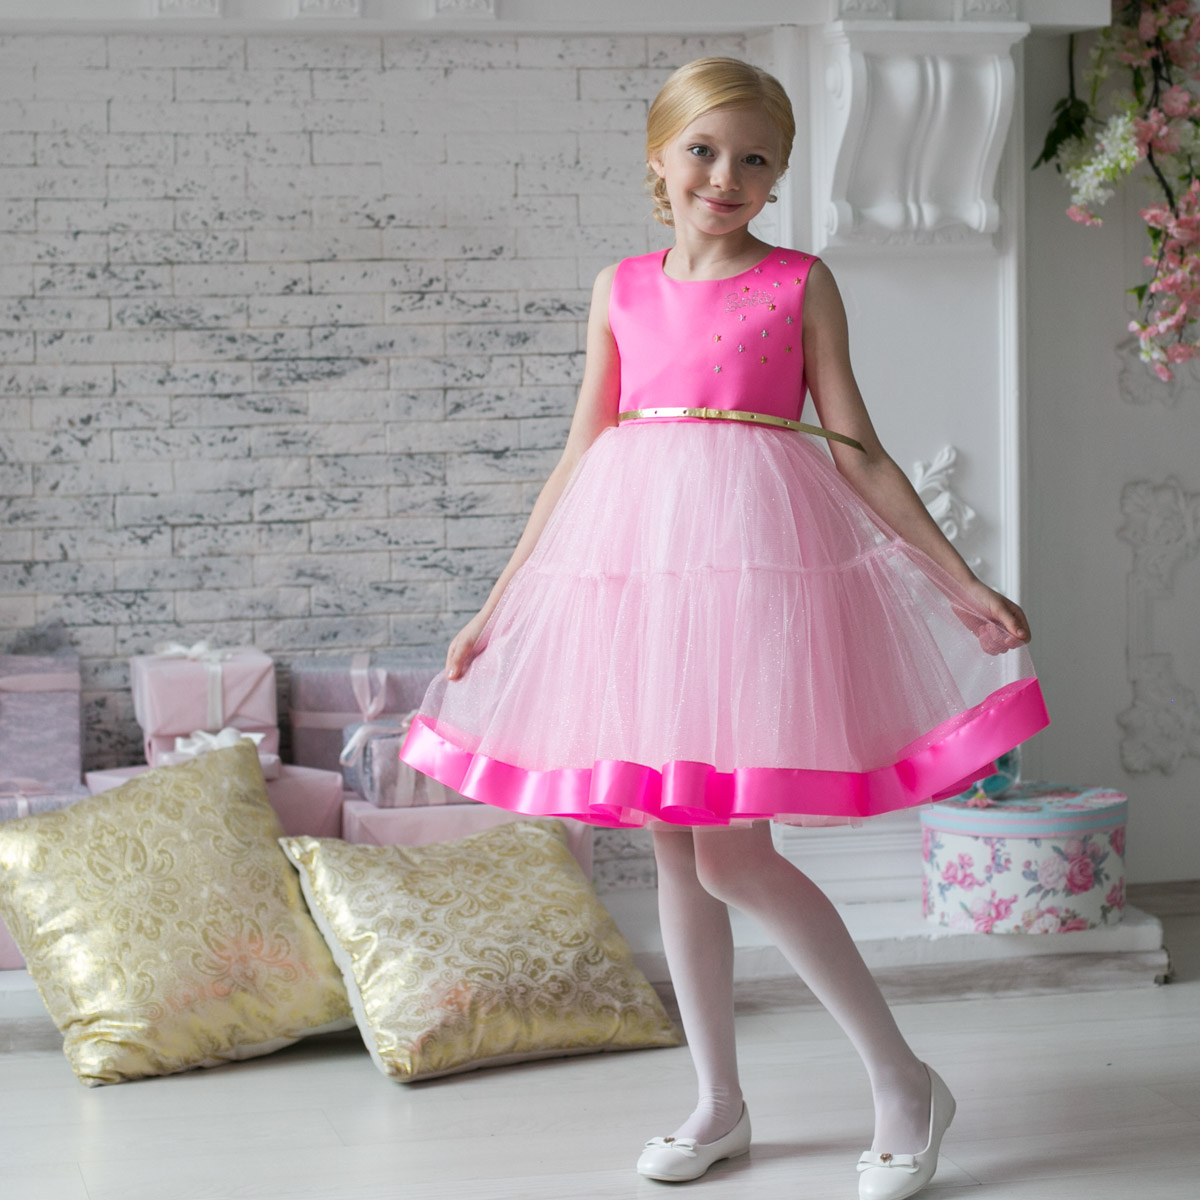 405b8e65e32888 Нарядное платье Barbie™ 7135 — Нарядные платья для девочек интернет ...